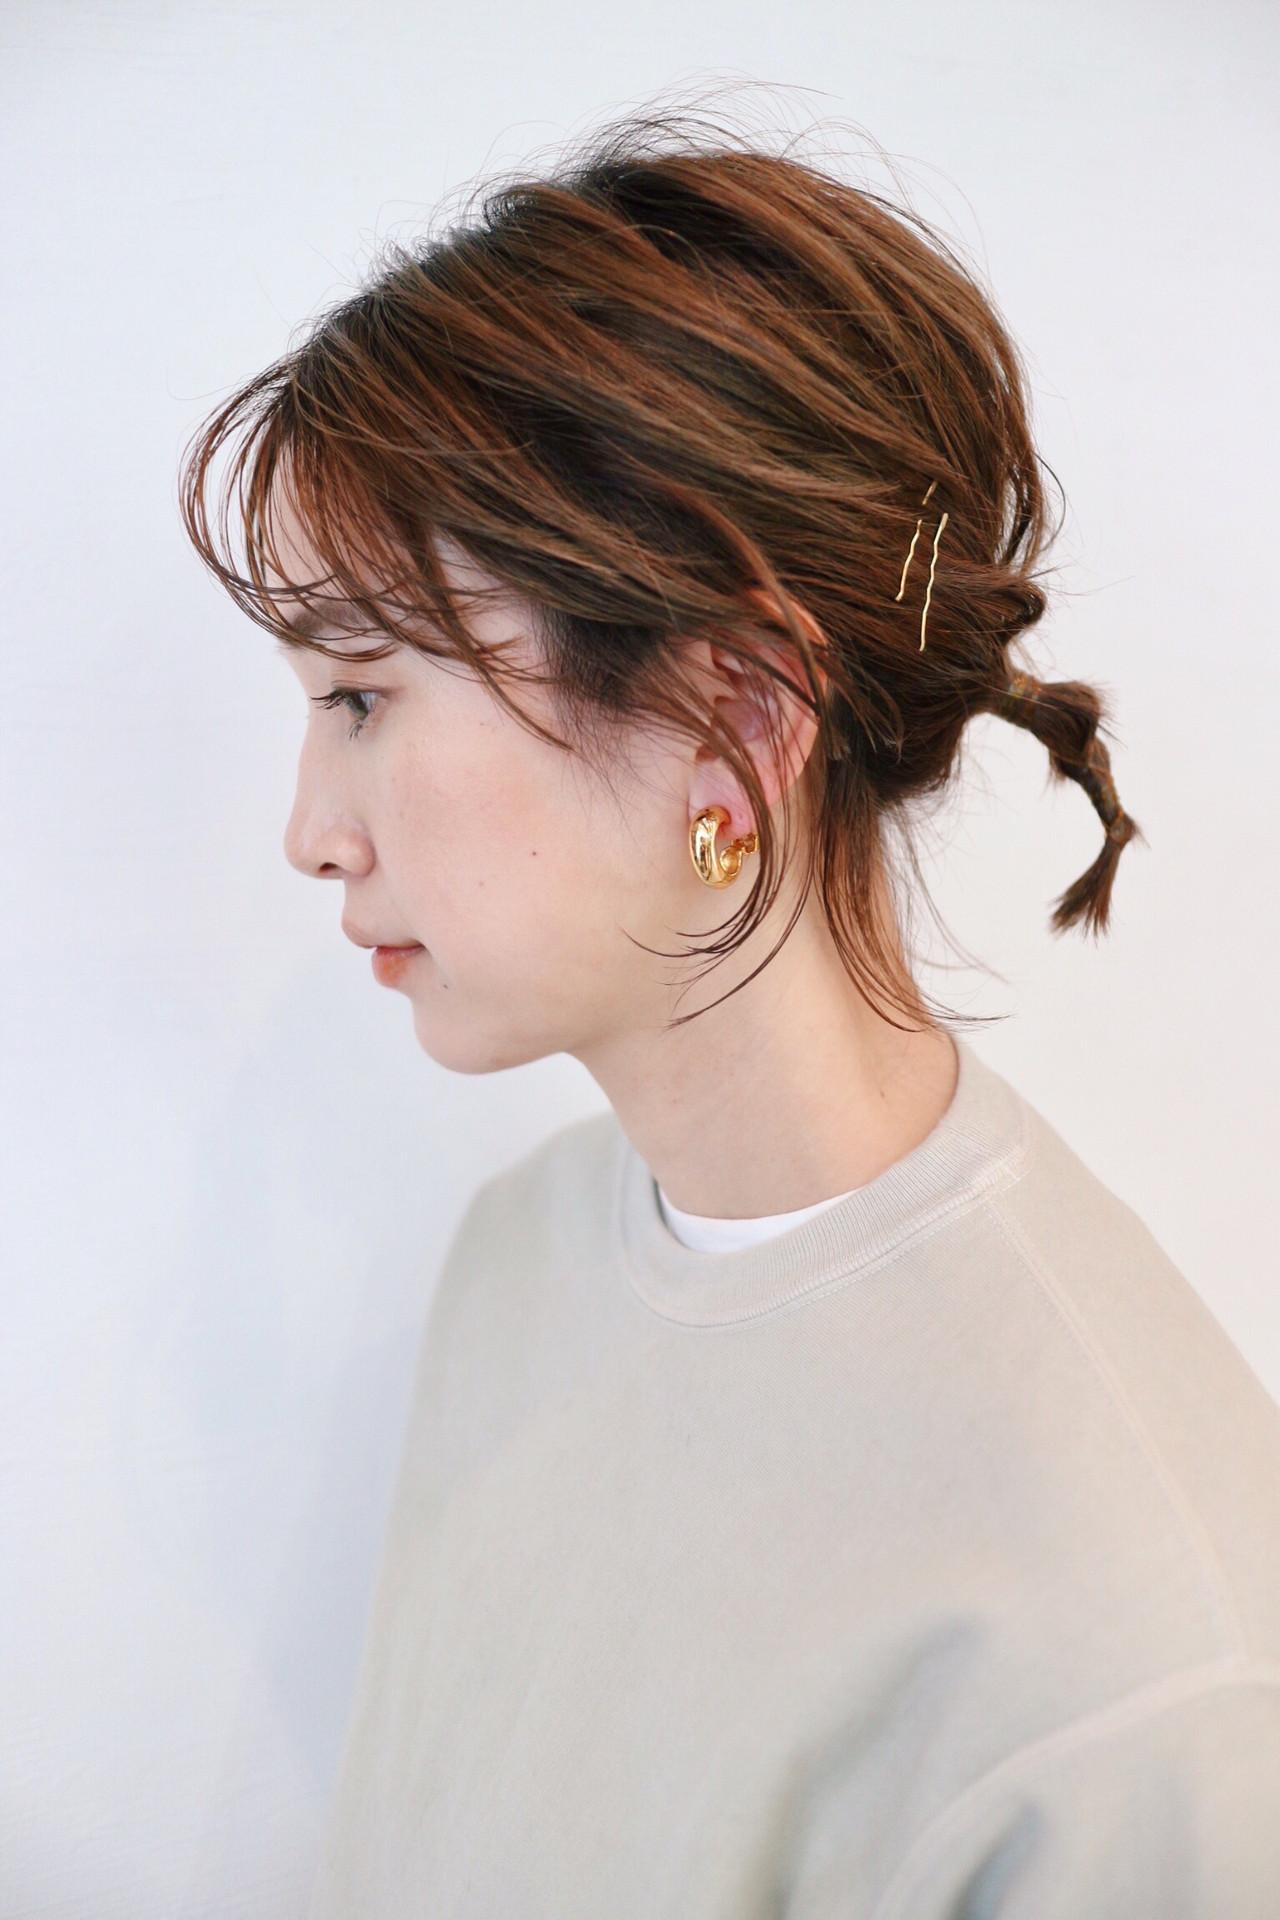 ガーリー ヘアアレンジ グラデーションカラー セルフヘアアレンジ ヘアスタイルや髪型の写真・画像